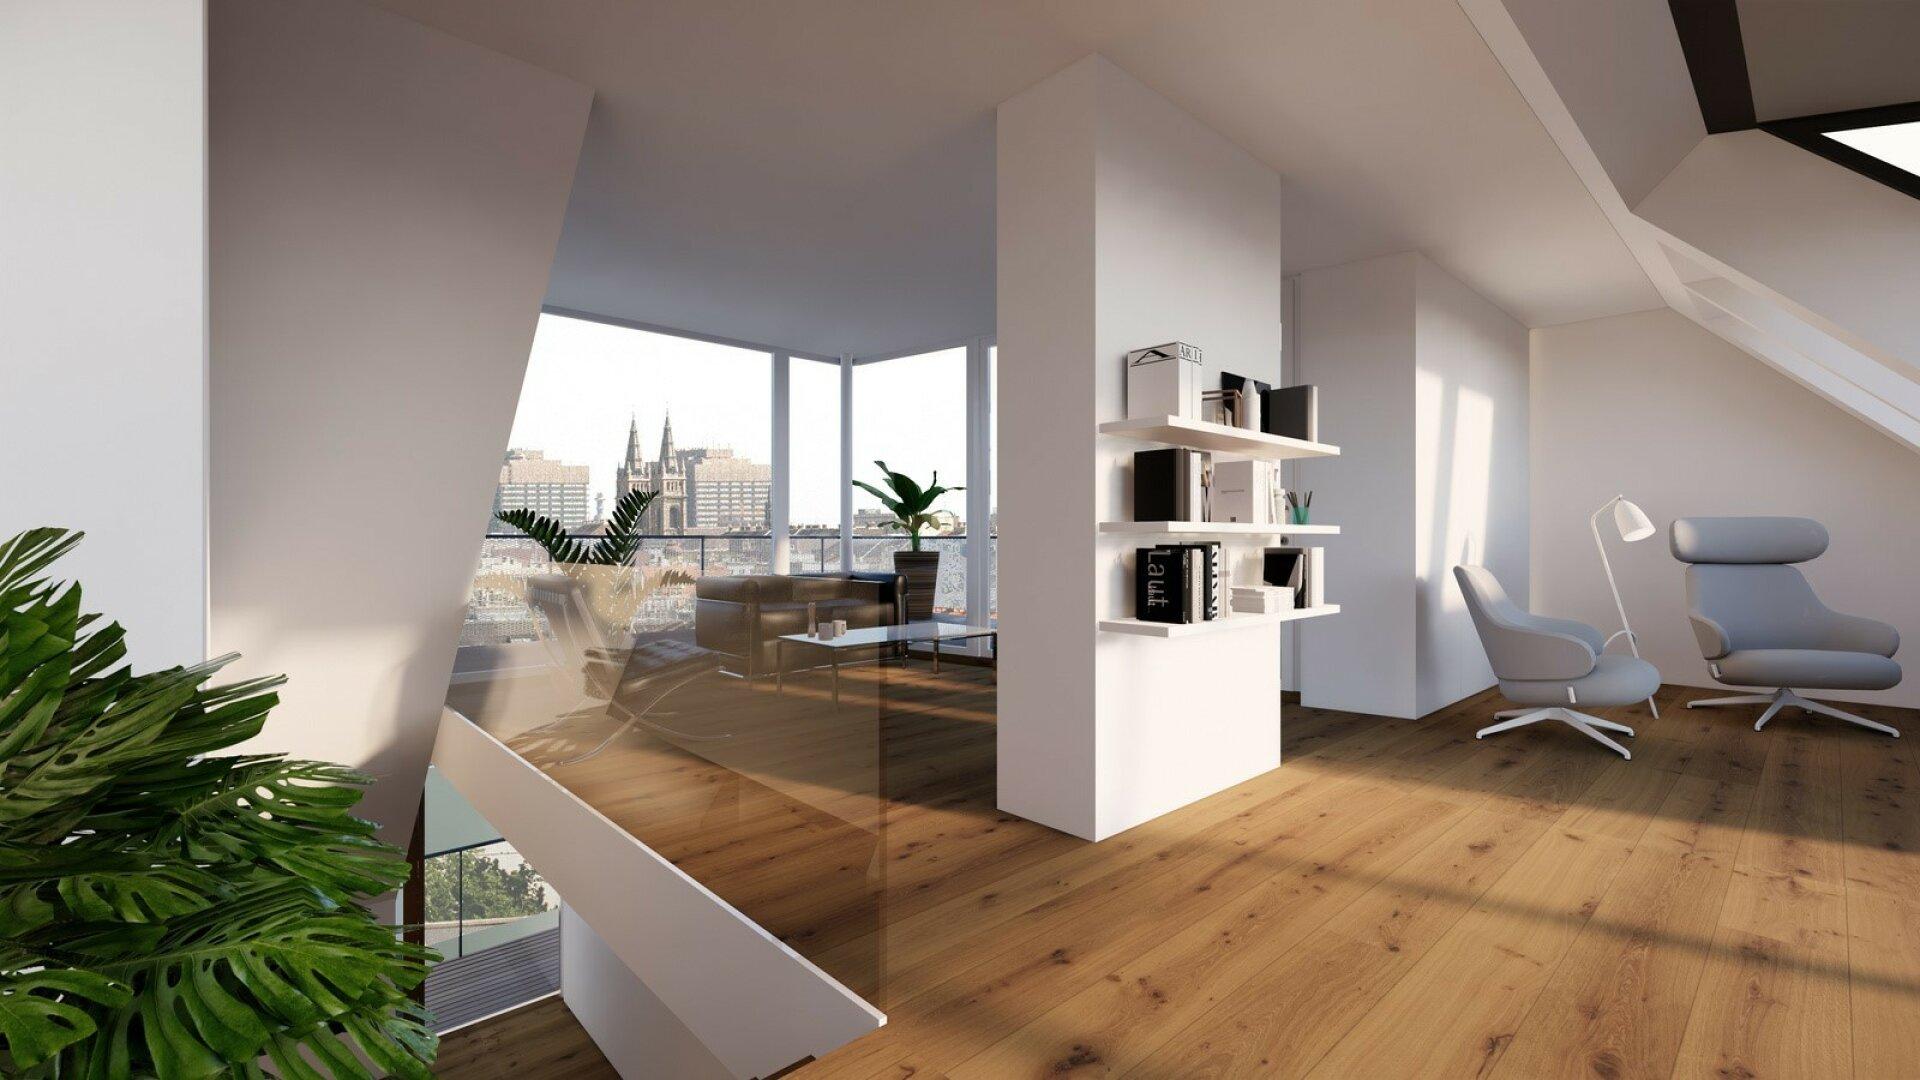 Ein unvergleichbarer Ausblick | Dachgeschoß-Wohnungen mit herausragendem Blick über die Wiener Innenstadt (Projektansicht)